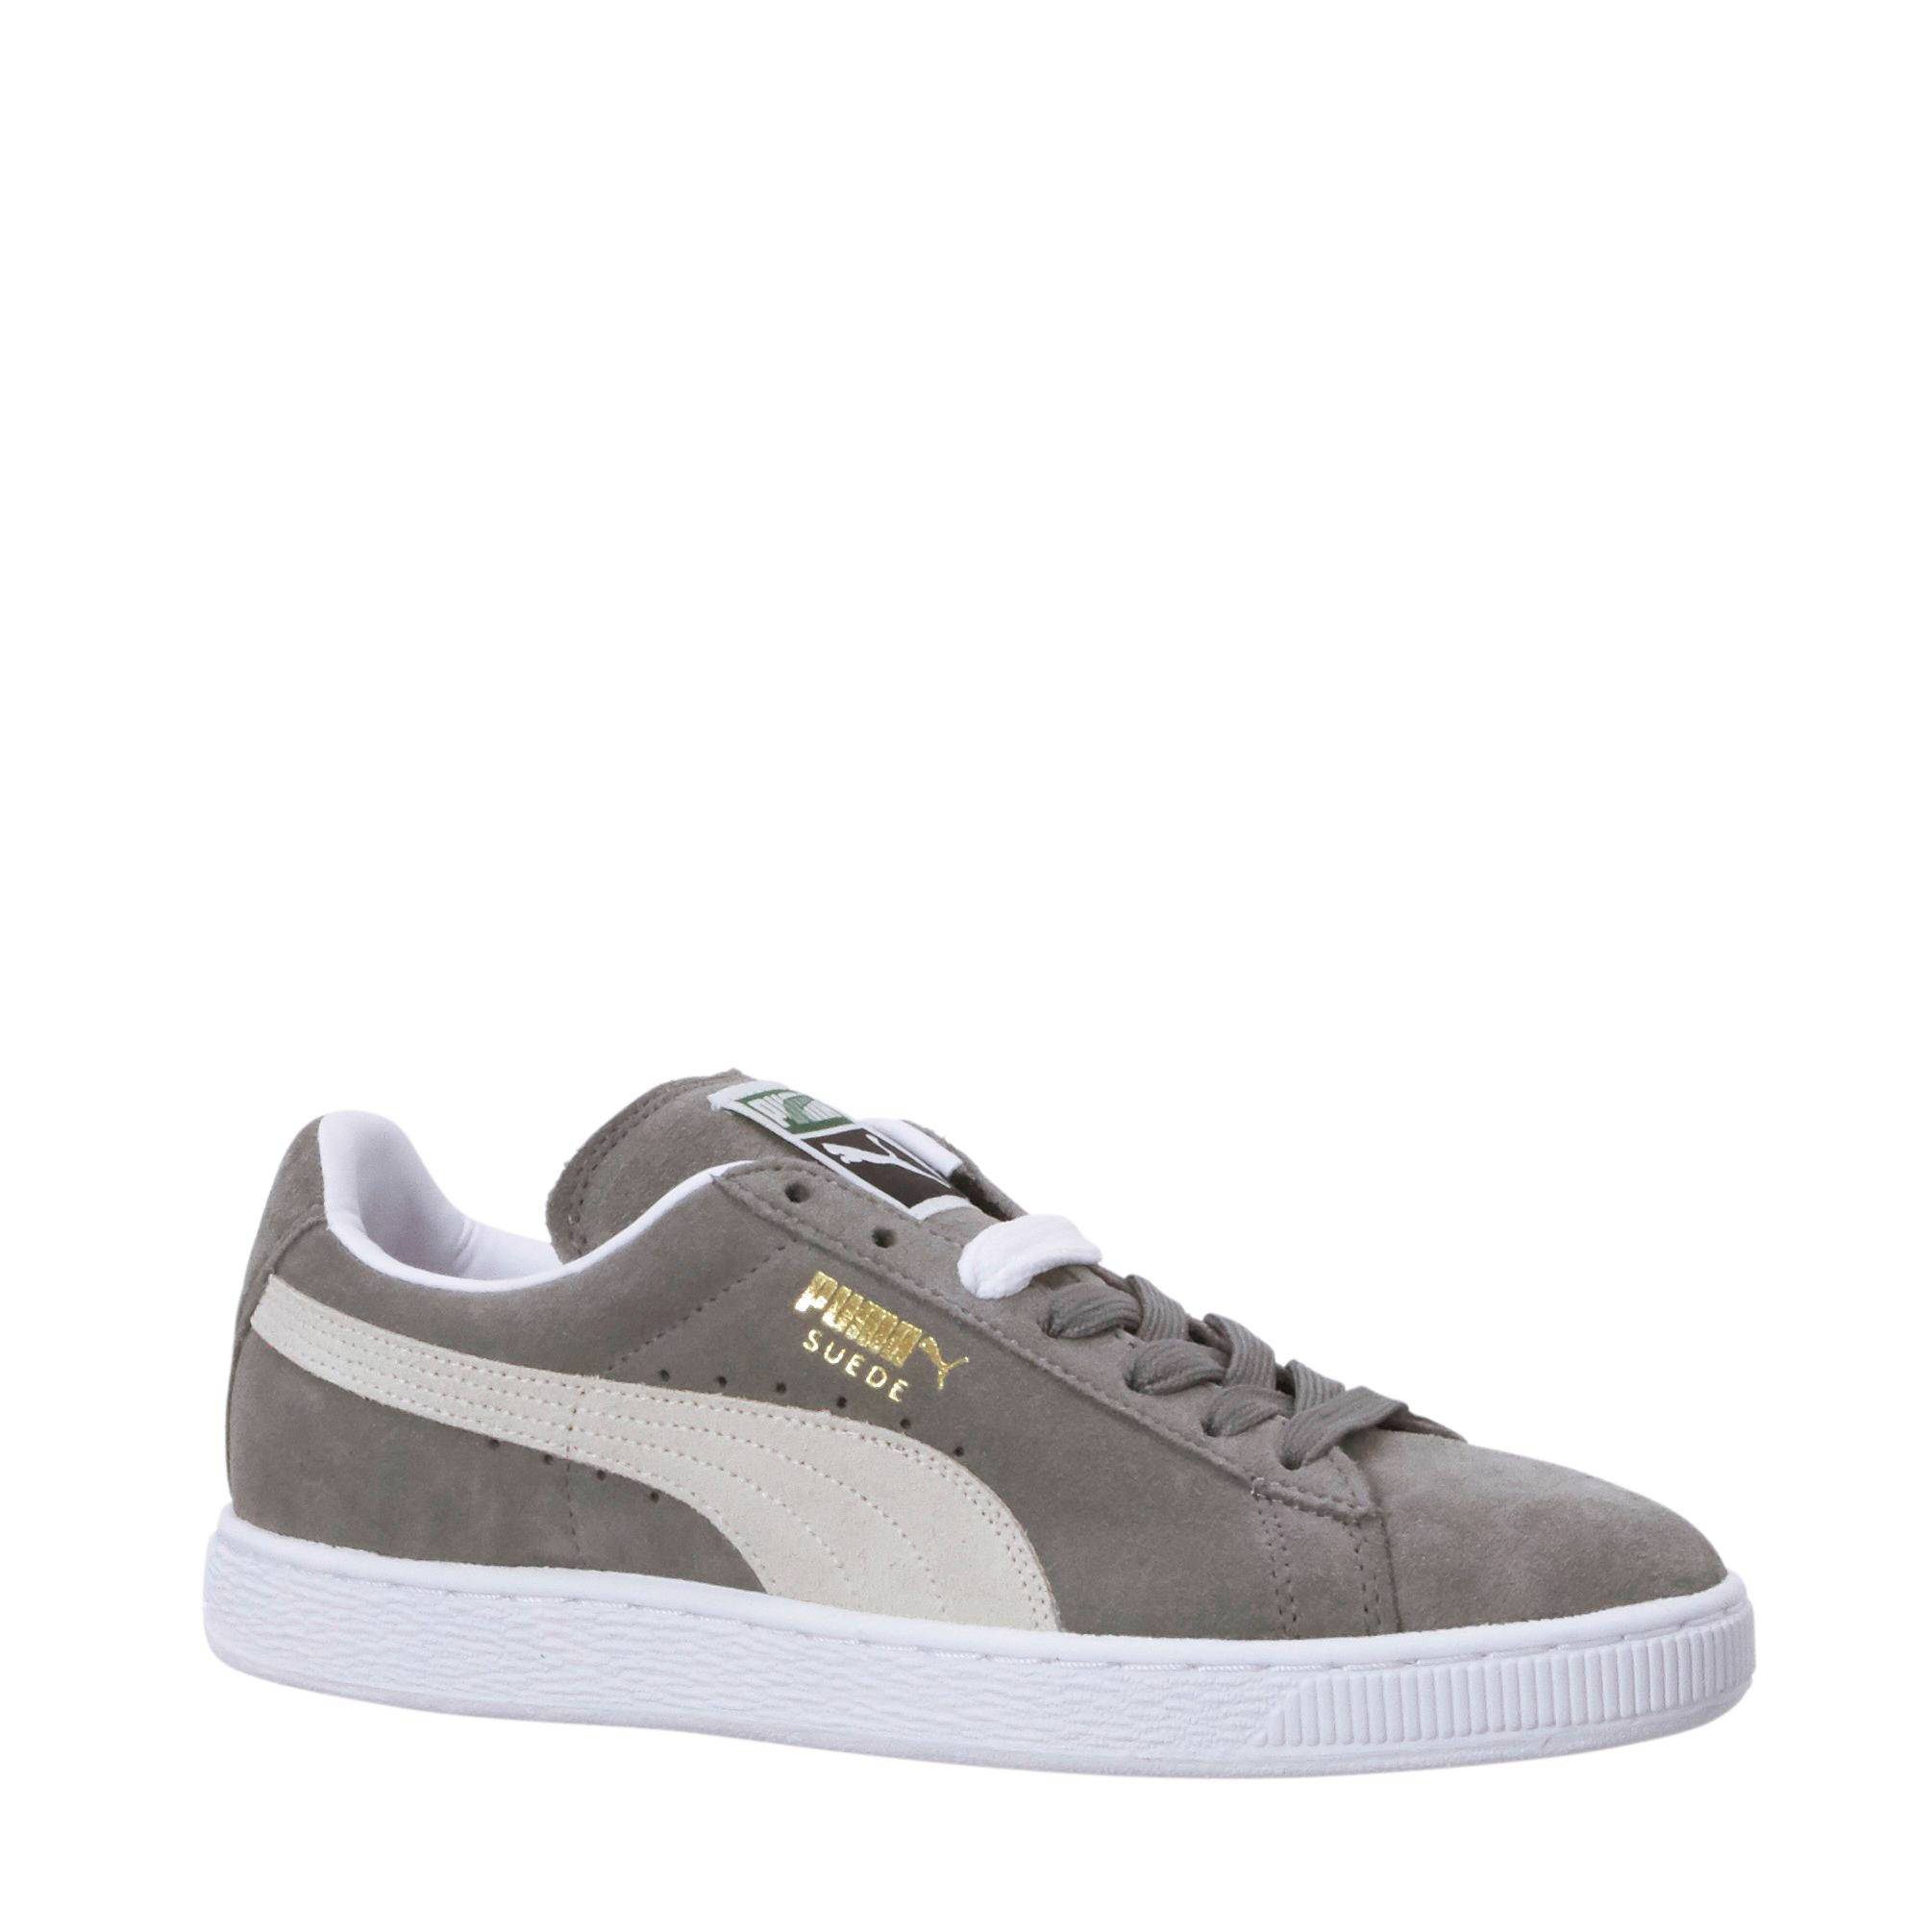 Puma Sneakers Puma Suede Wehkamp Classic Suede Classic Sneakers HSntat